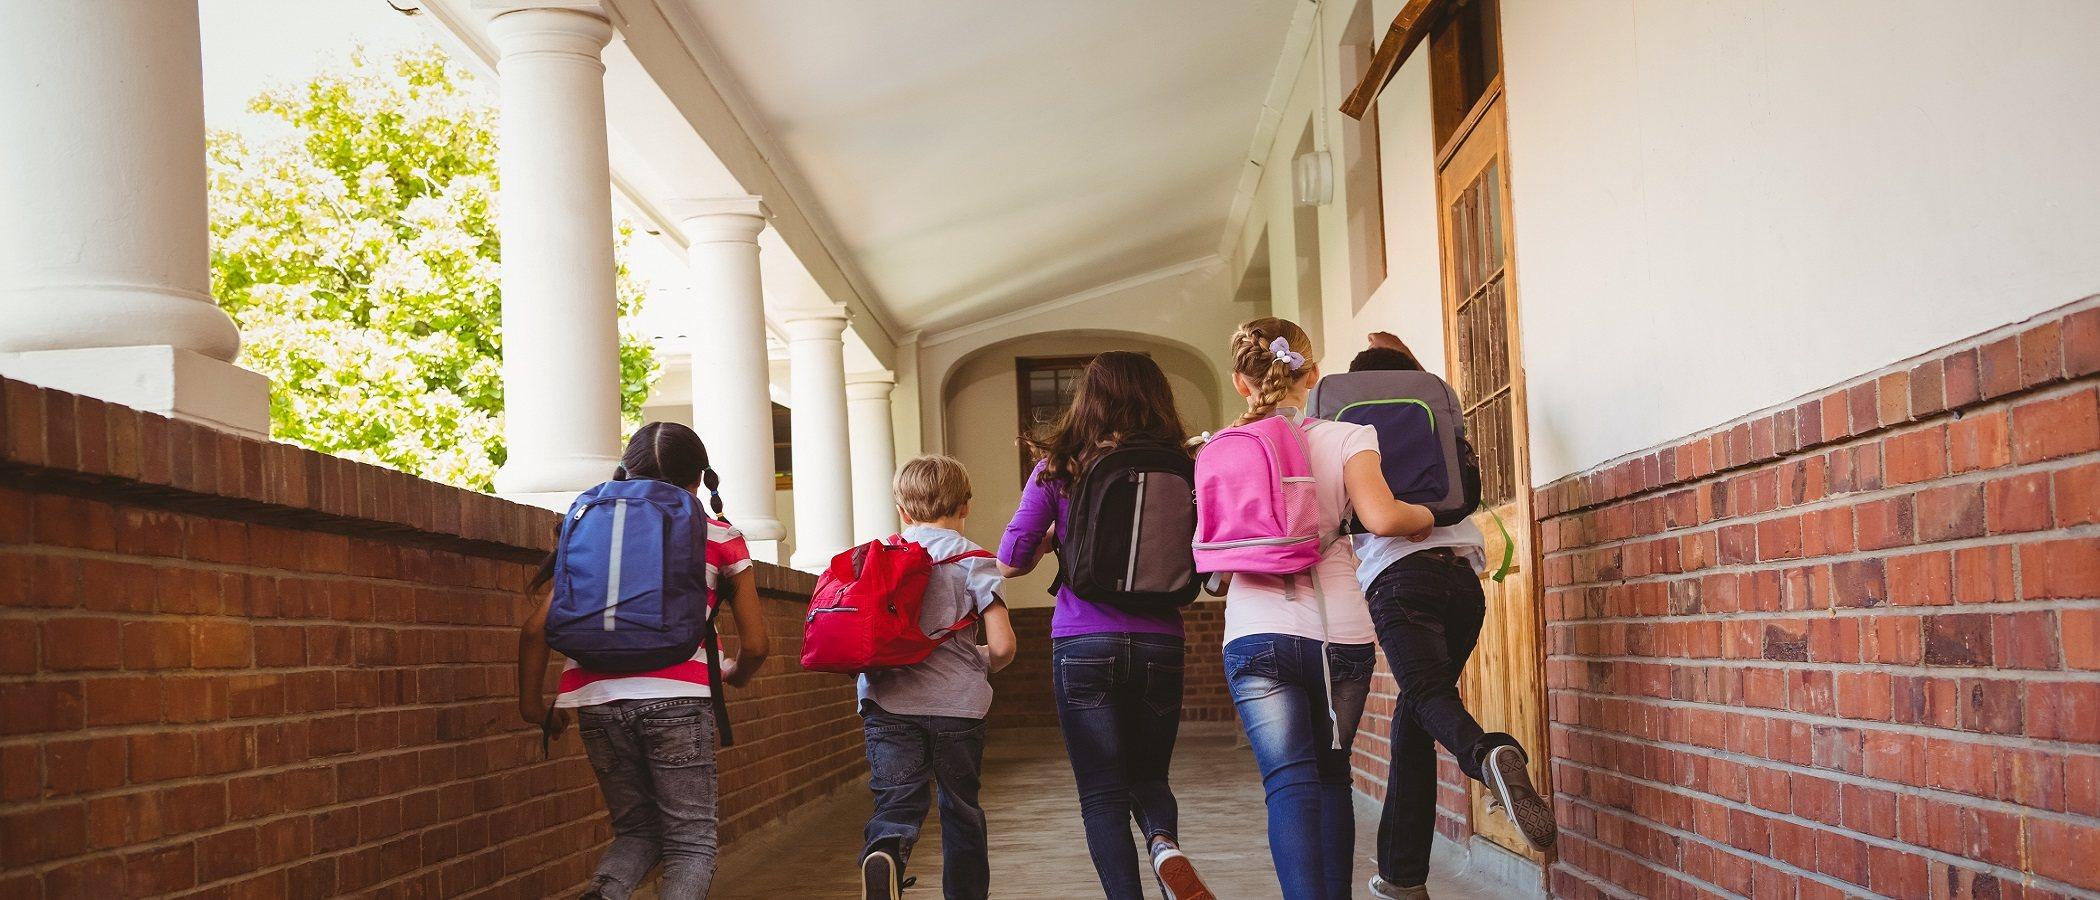 Adolescentes que siempre llegan tarde a la escuela